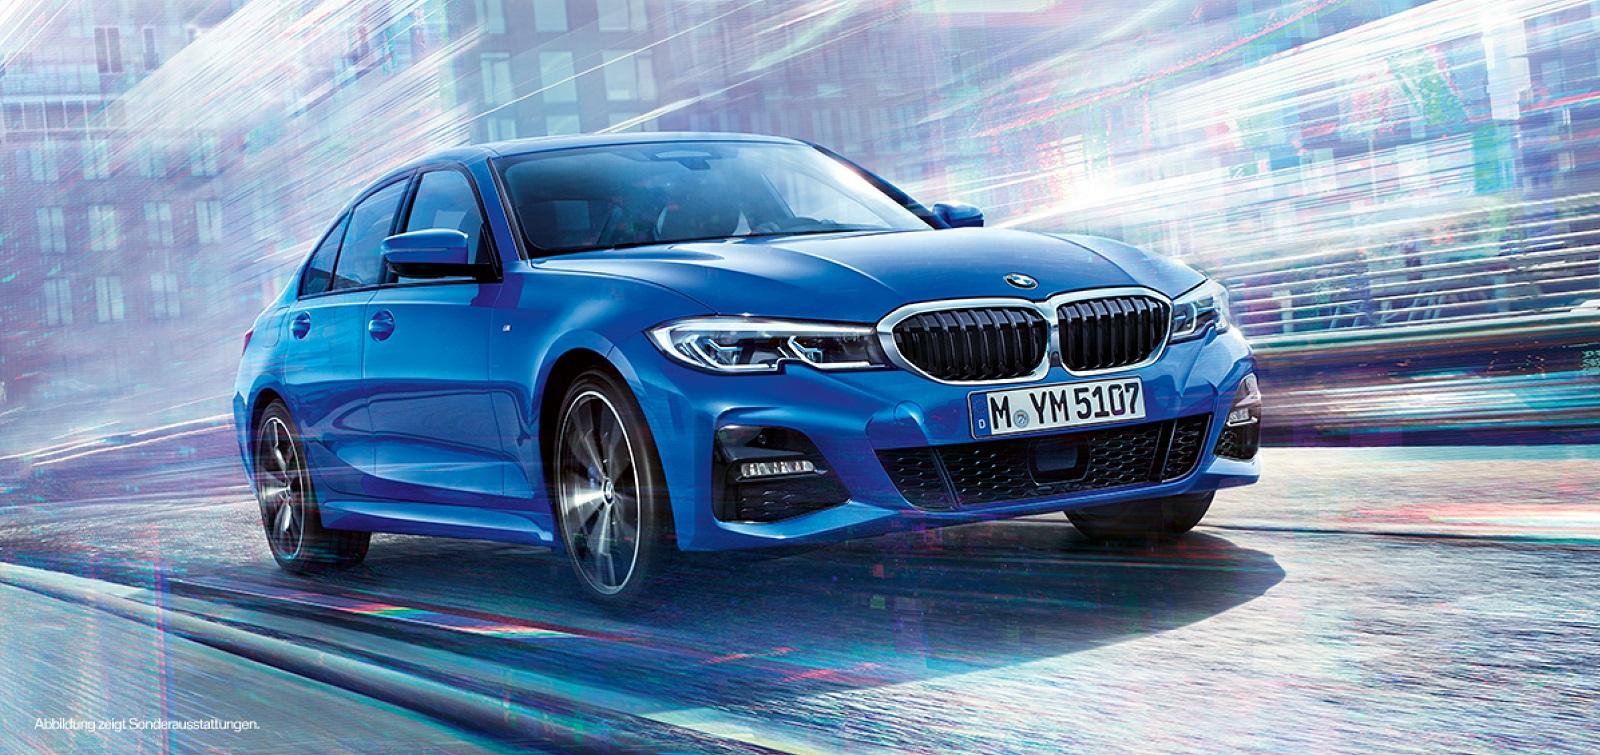 BMW Wagner Neuwagen BMW 3er Limousine